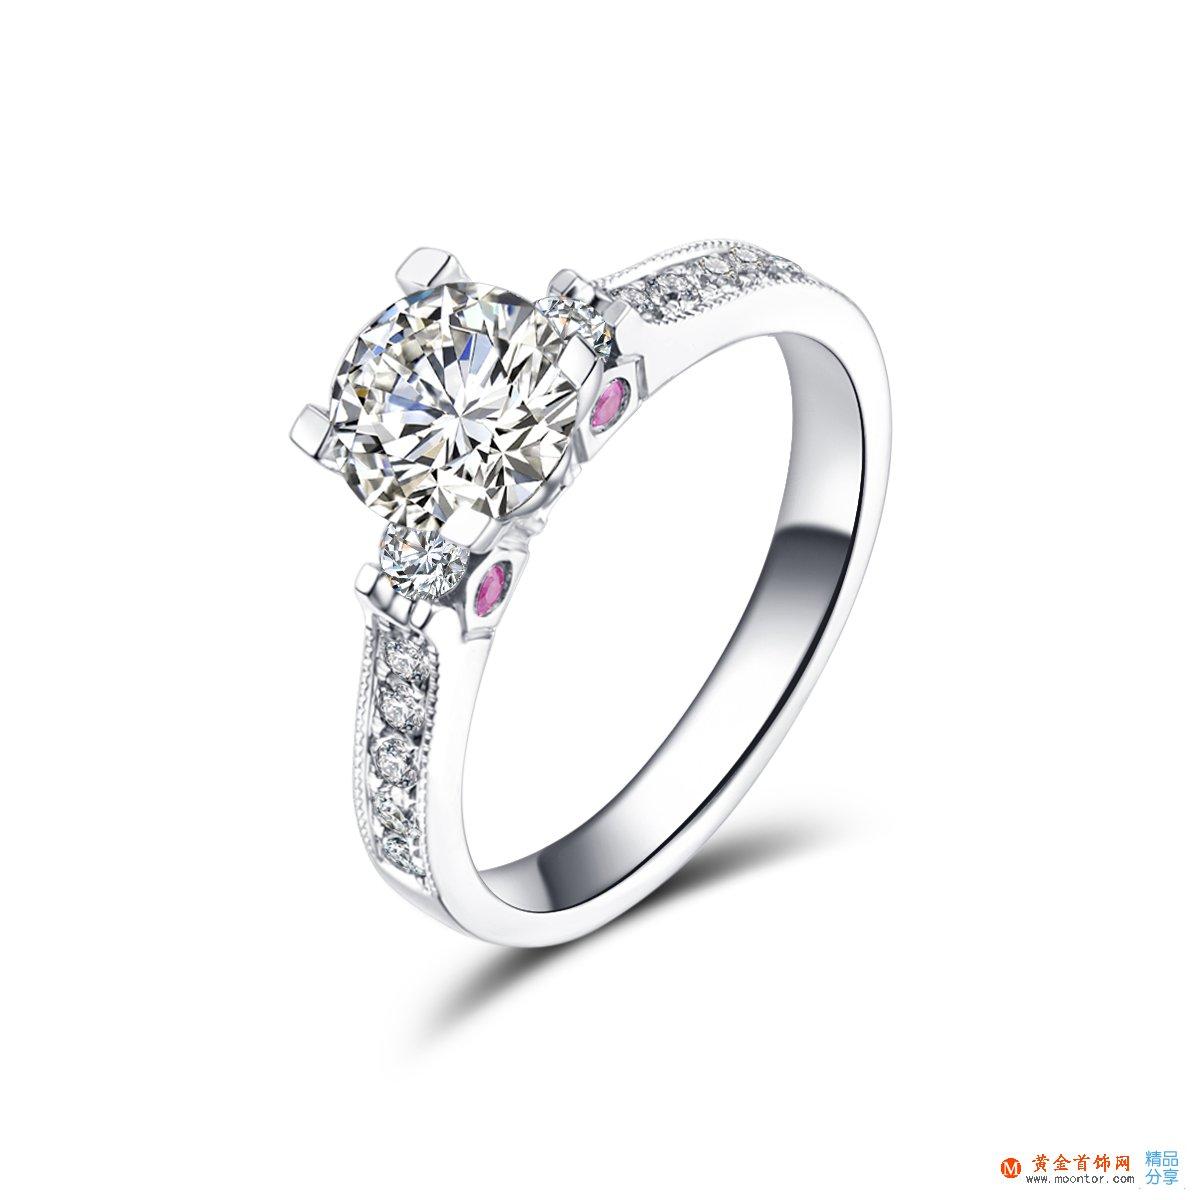 定制结婚钻戒,定制结婚钻戒价格,定制结婚钻戒多少钱,结婚钻戒定制